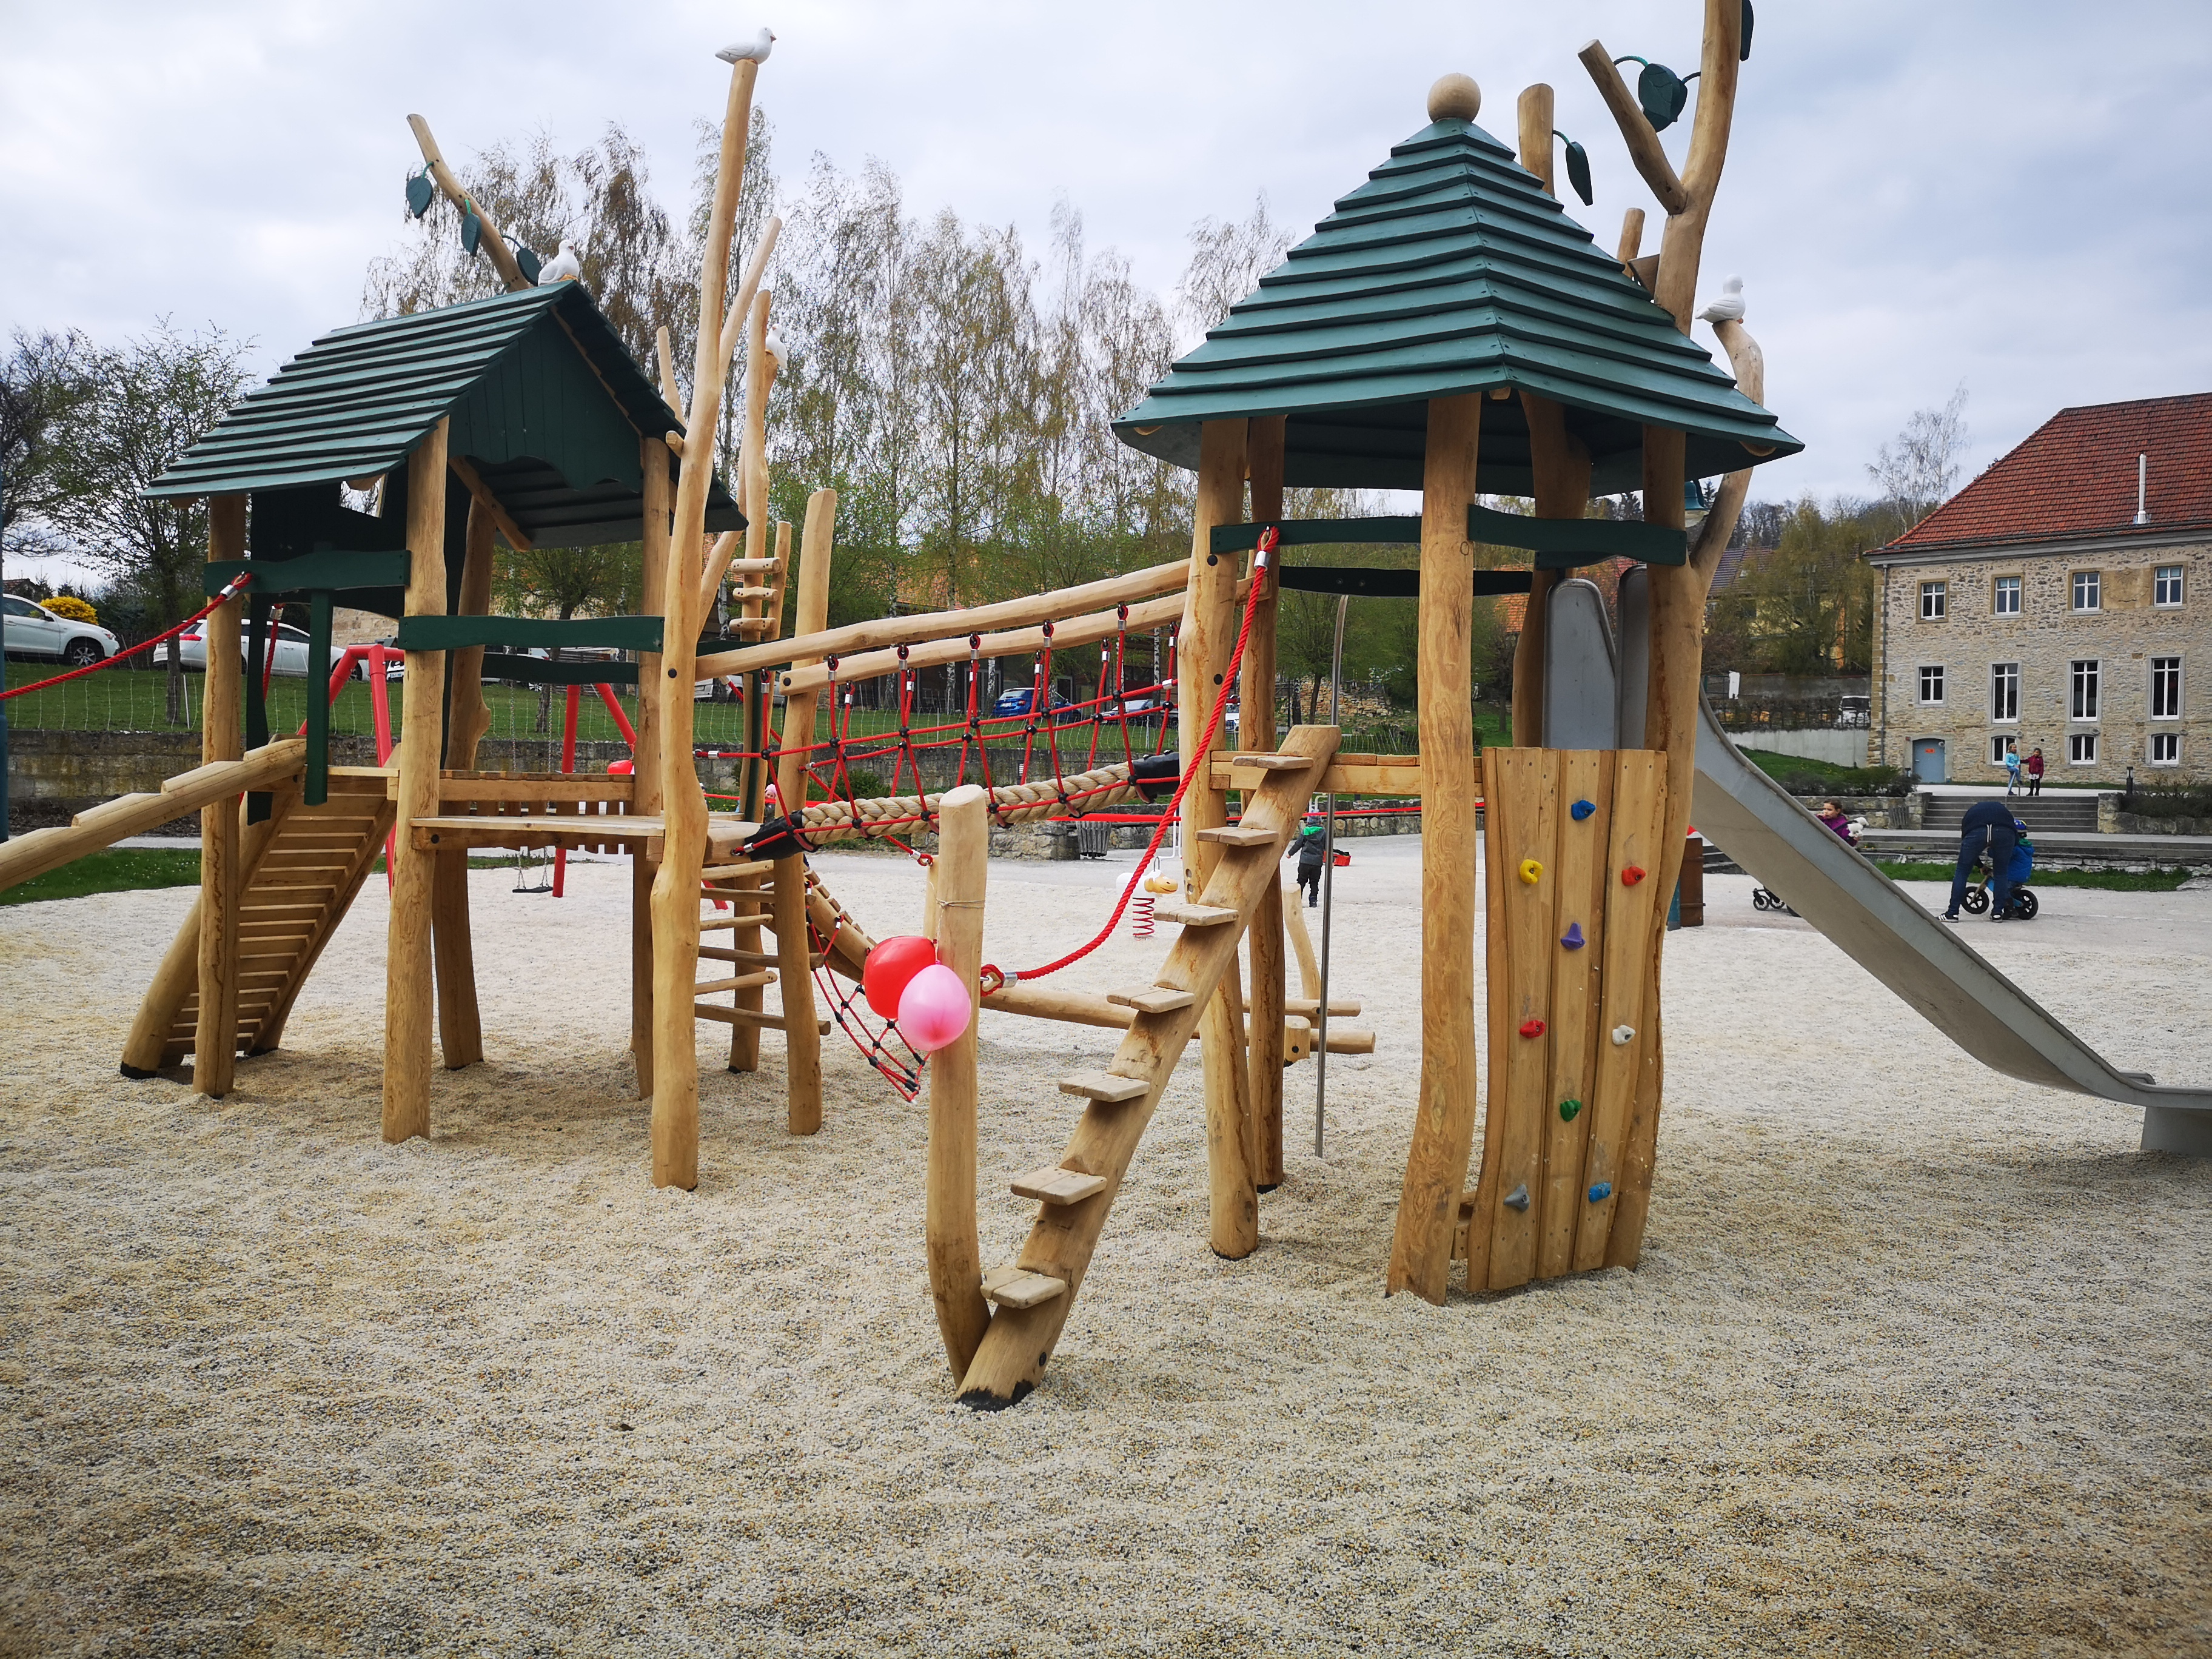 Neuer Spielplatz in Volkenroda, Quelle: RAG Unstrut-Hainich e.V.